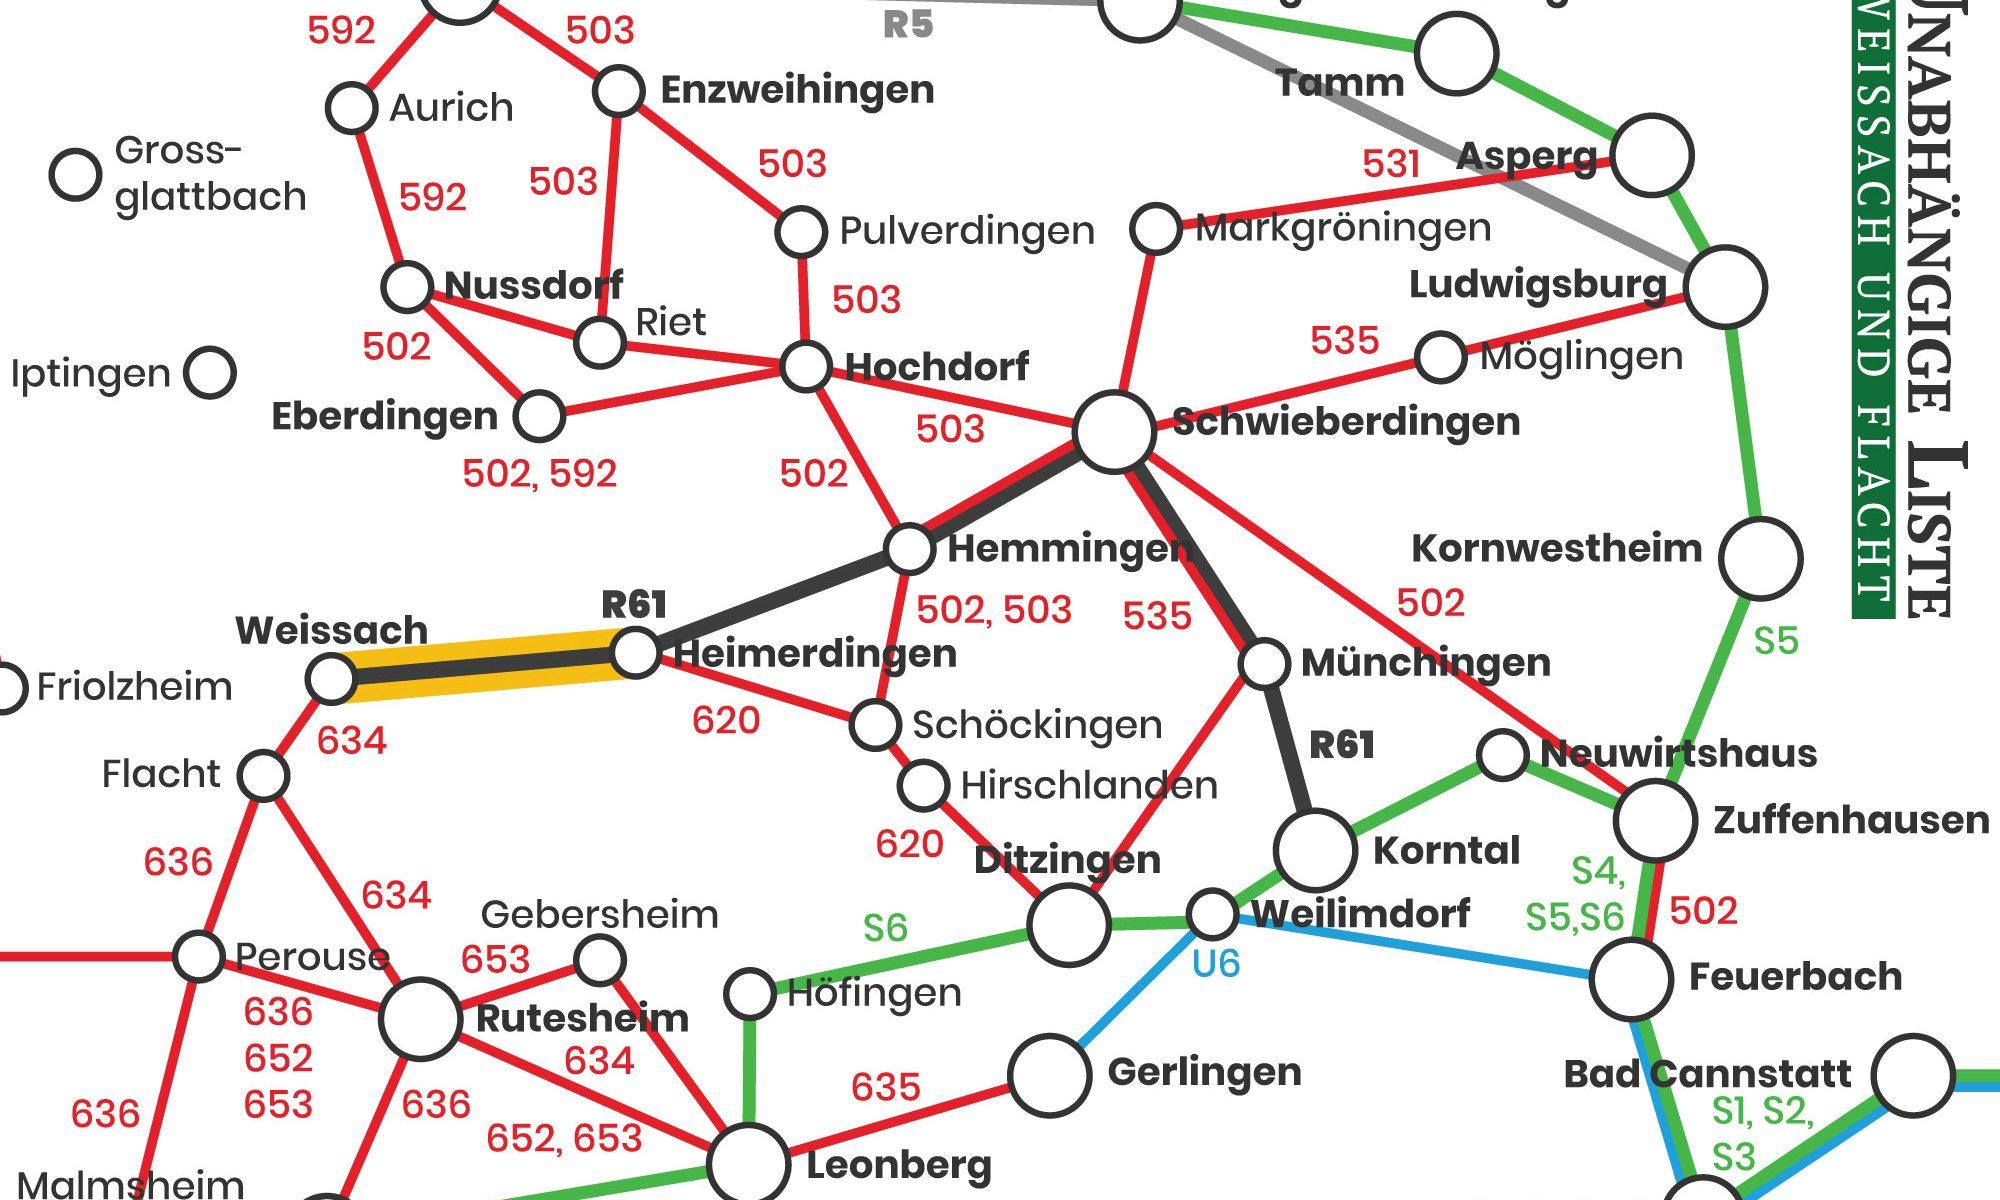 ÖPNV-Netz um Weissach mit Strohgäubahn